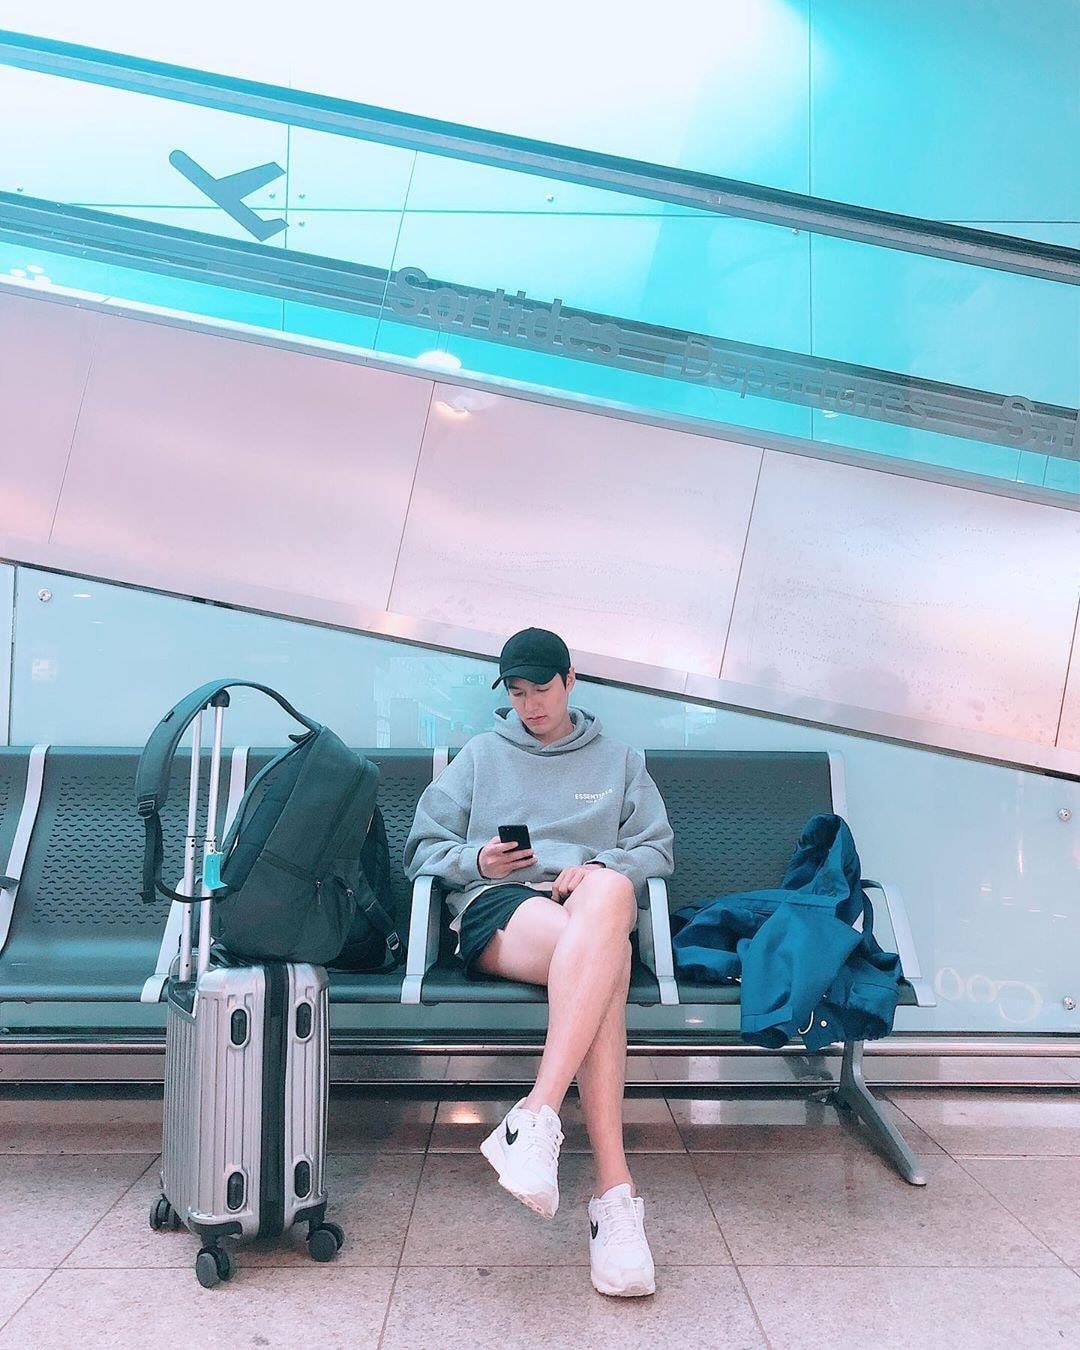 Lee Min Ho đẹp không chừa phần ai: Chân con trai mà trắng, thon và dài đến nỗi khiến chị em cũng phải ghen tỵ - Ảnh 3.